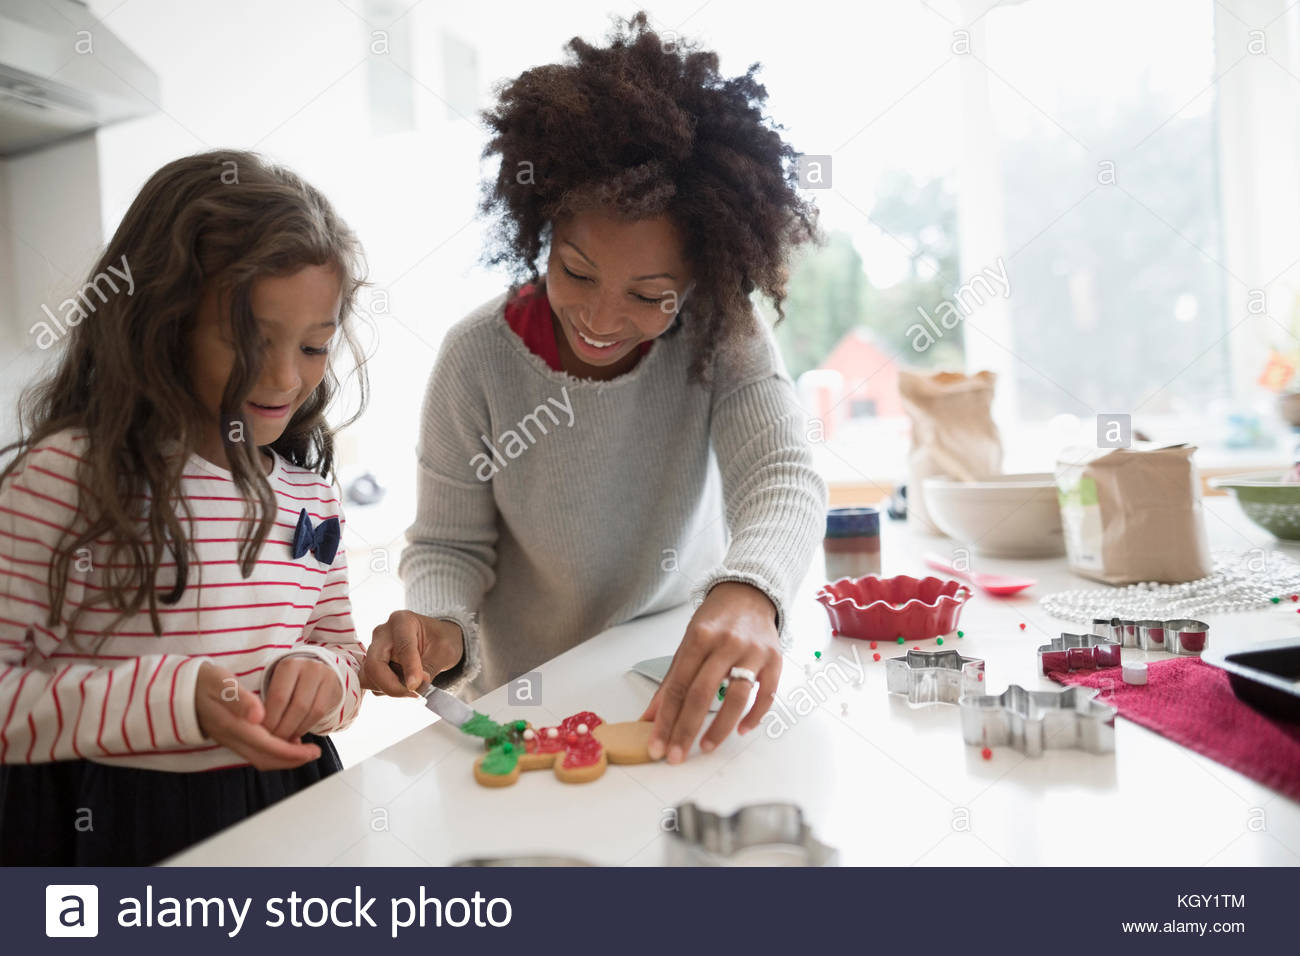 Madre e figlia la decorazione di Natale gingerbread cookies in cucina Immagini Stock